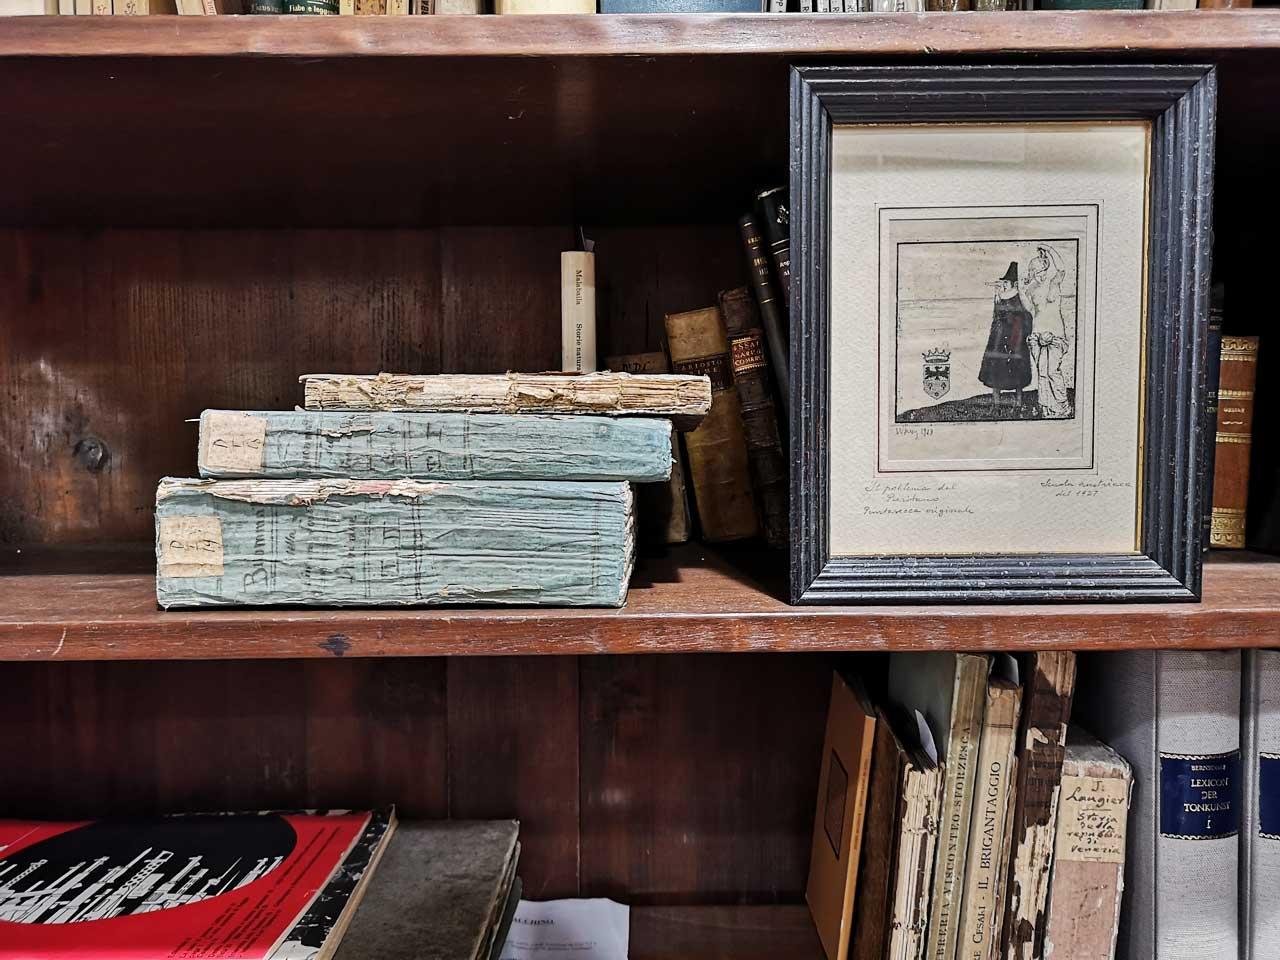 minotauro-la-libreria a Trieste